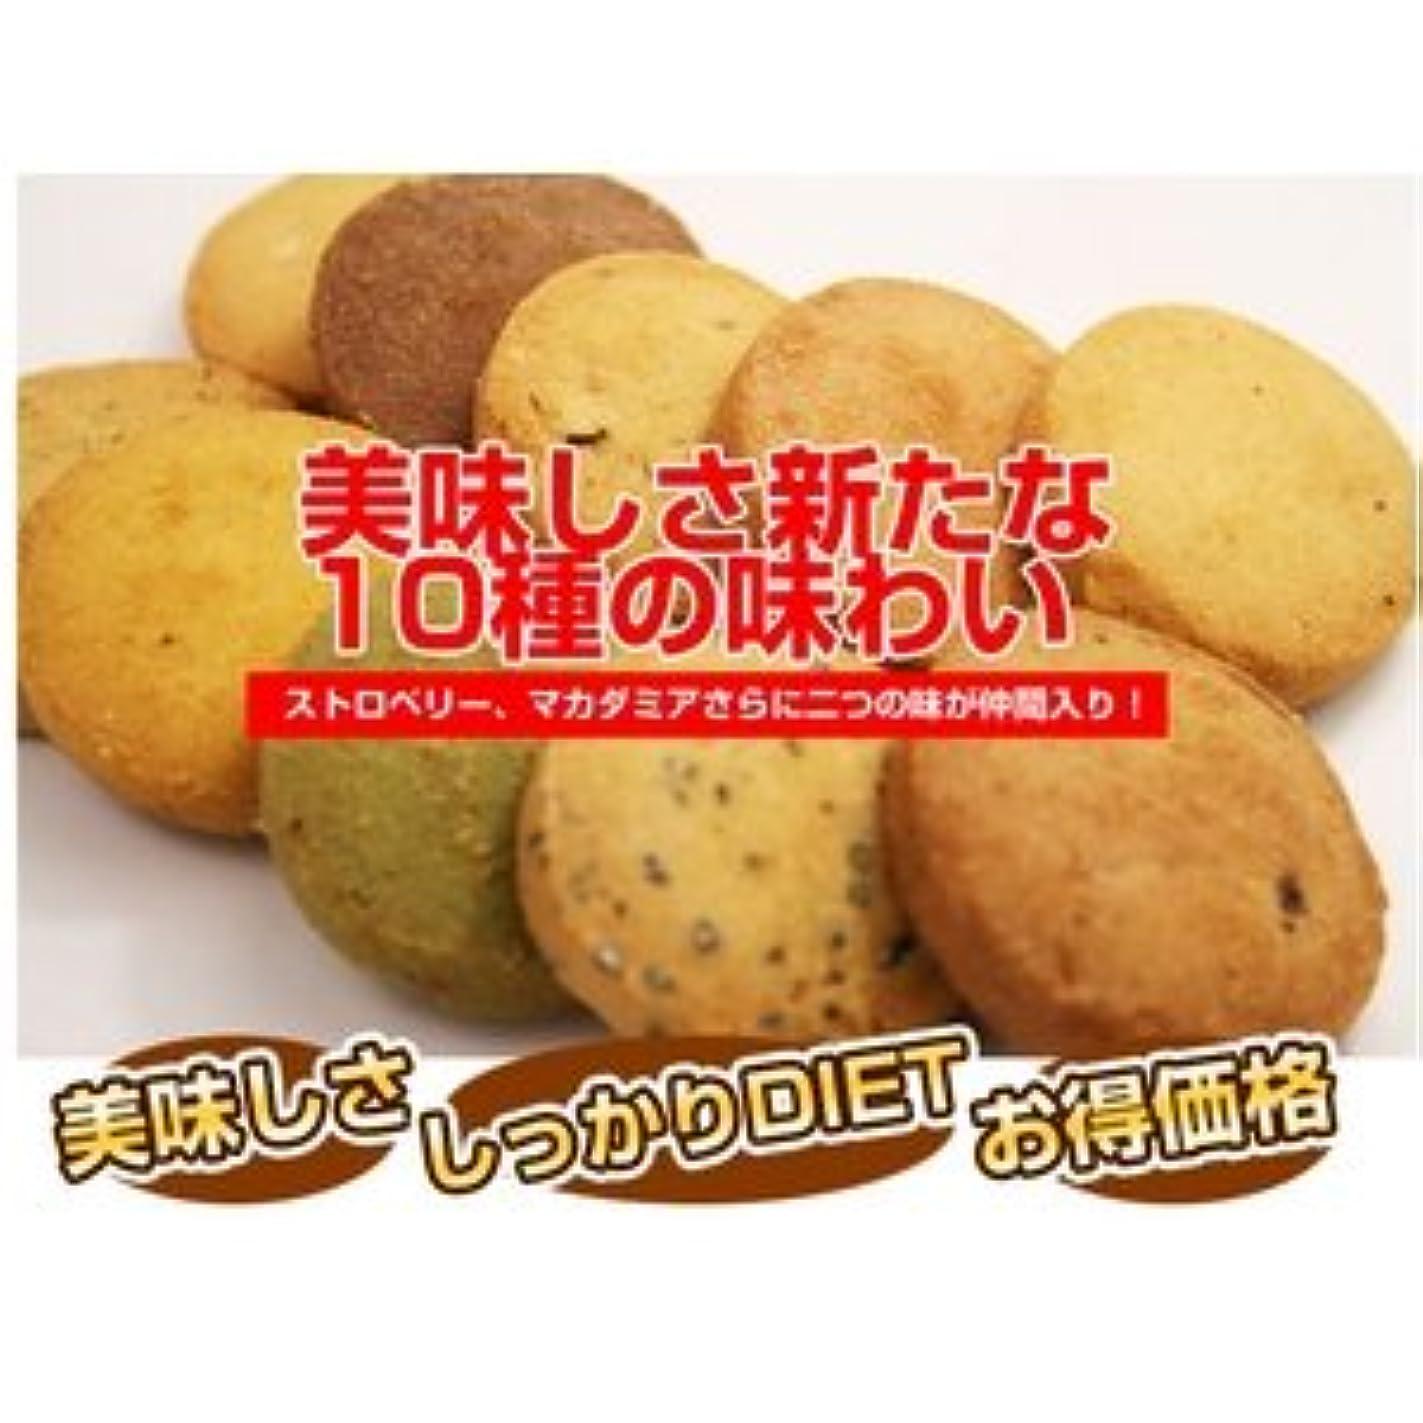 地震脚トロリーバス10種の豆乳おからクッキー 1kg(500g×2)